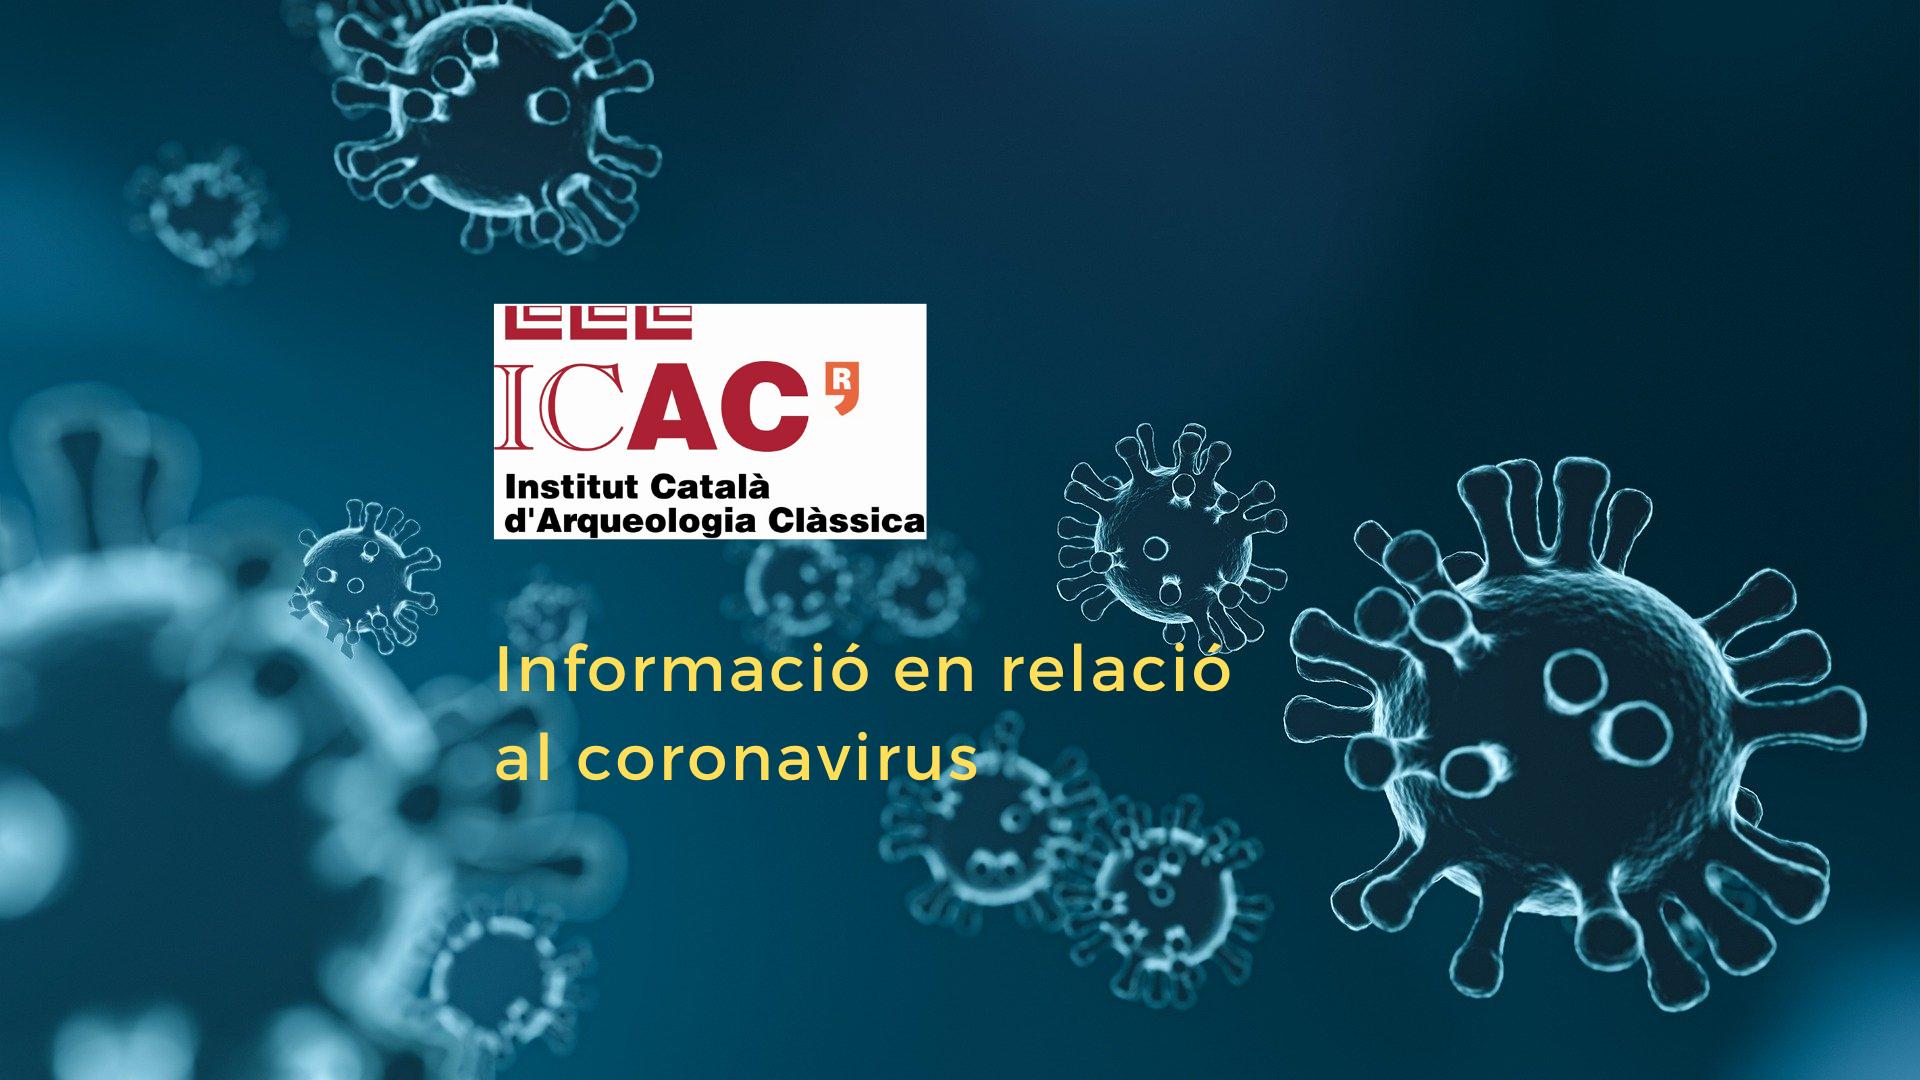 ICAC informacio coronavirus